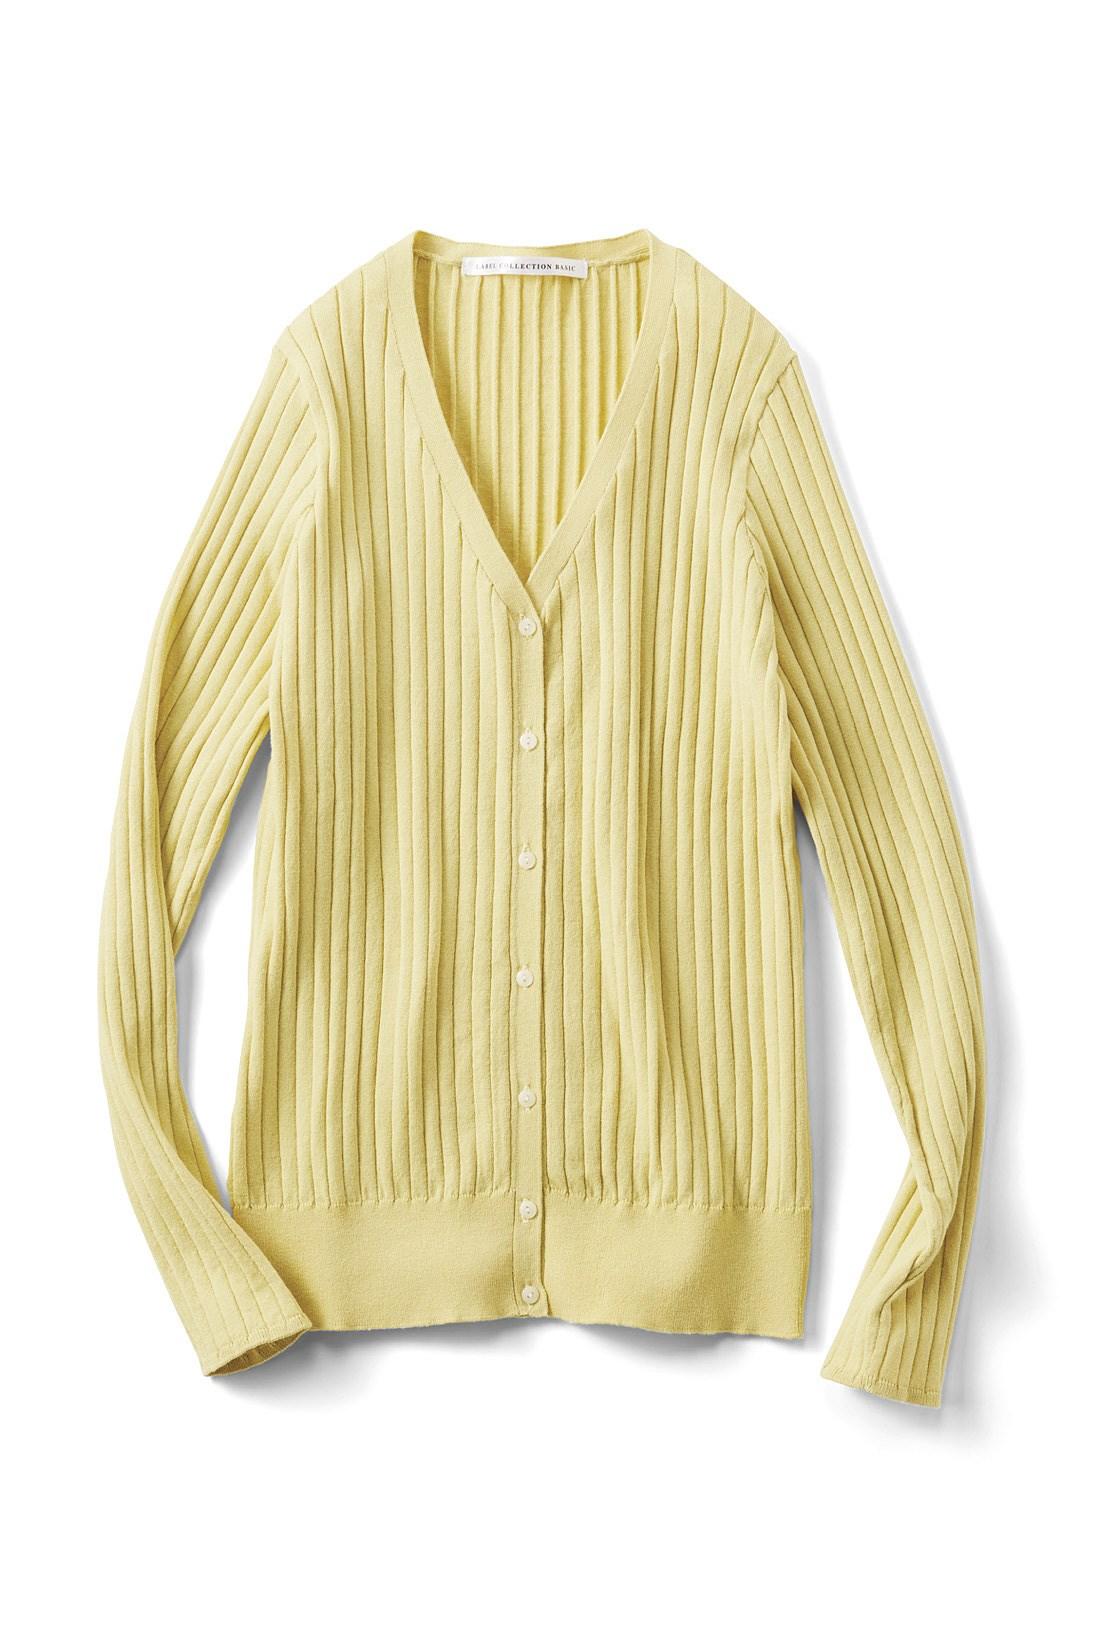 春らしく着映える〈マスタード〉 細いリブ遣いの前立てと小さめの貝調ボタンも上品な雰囲気。編み地続きで仕上げた袖口がきれいめな印象。